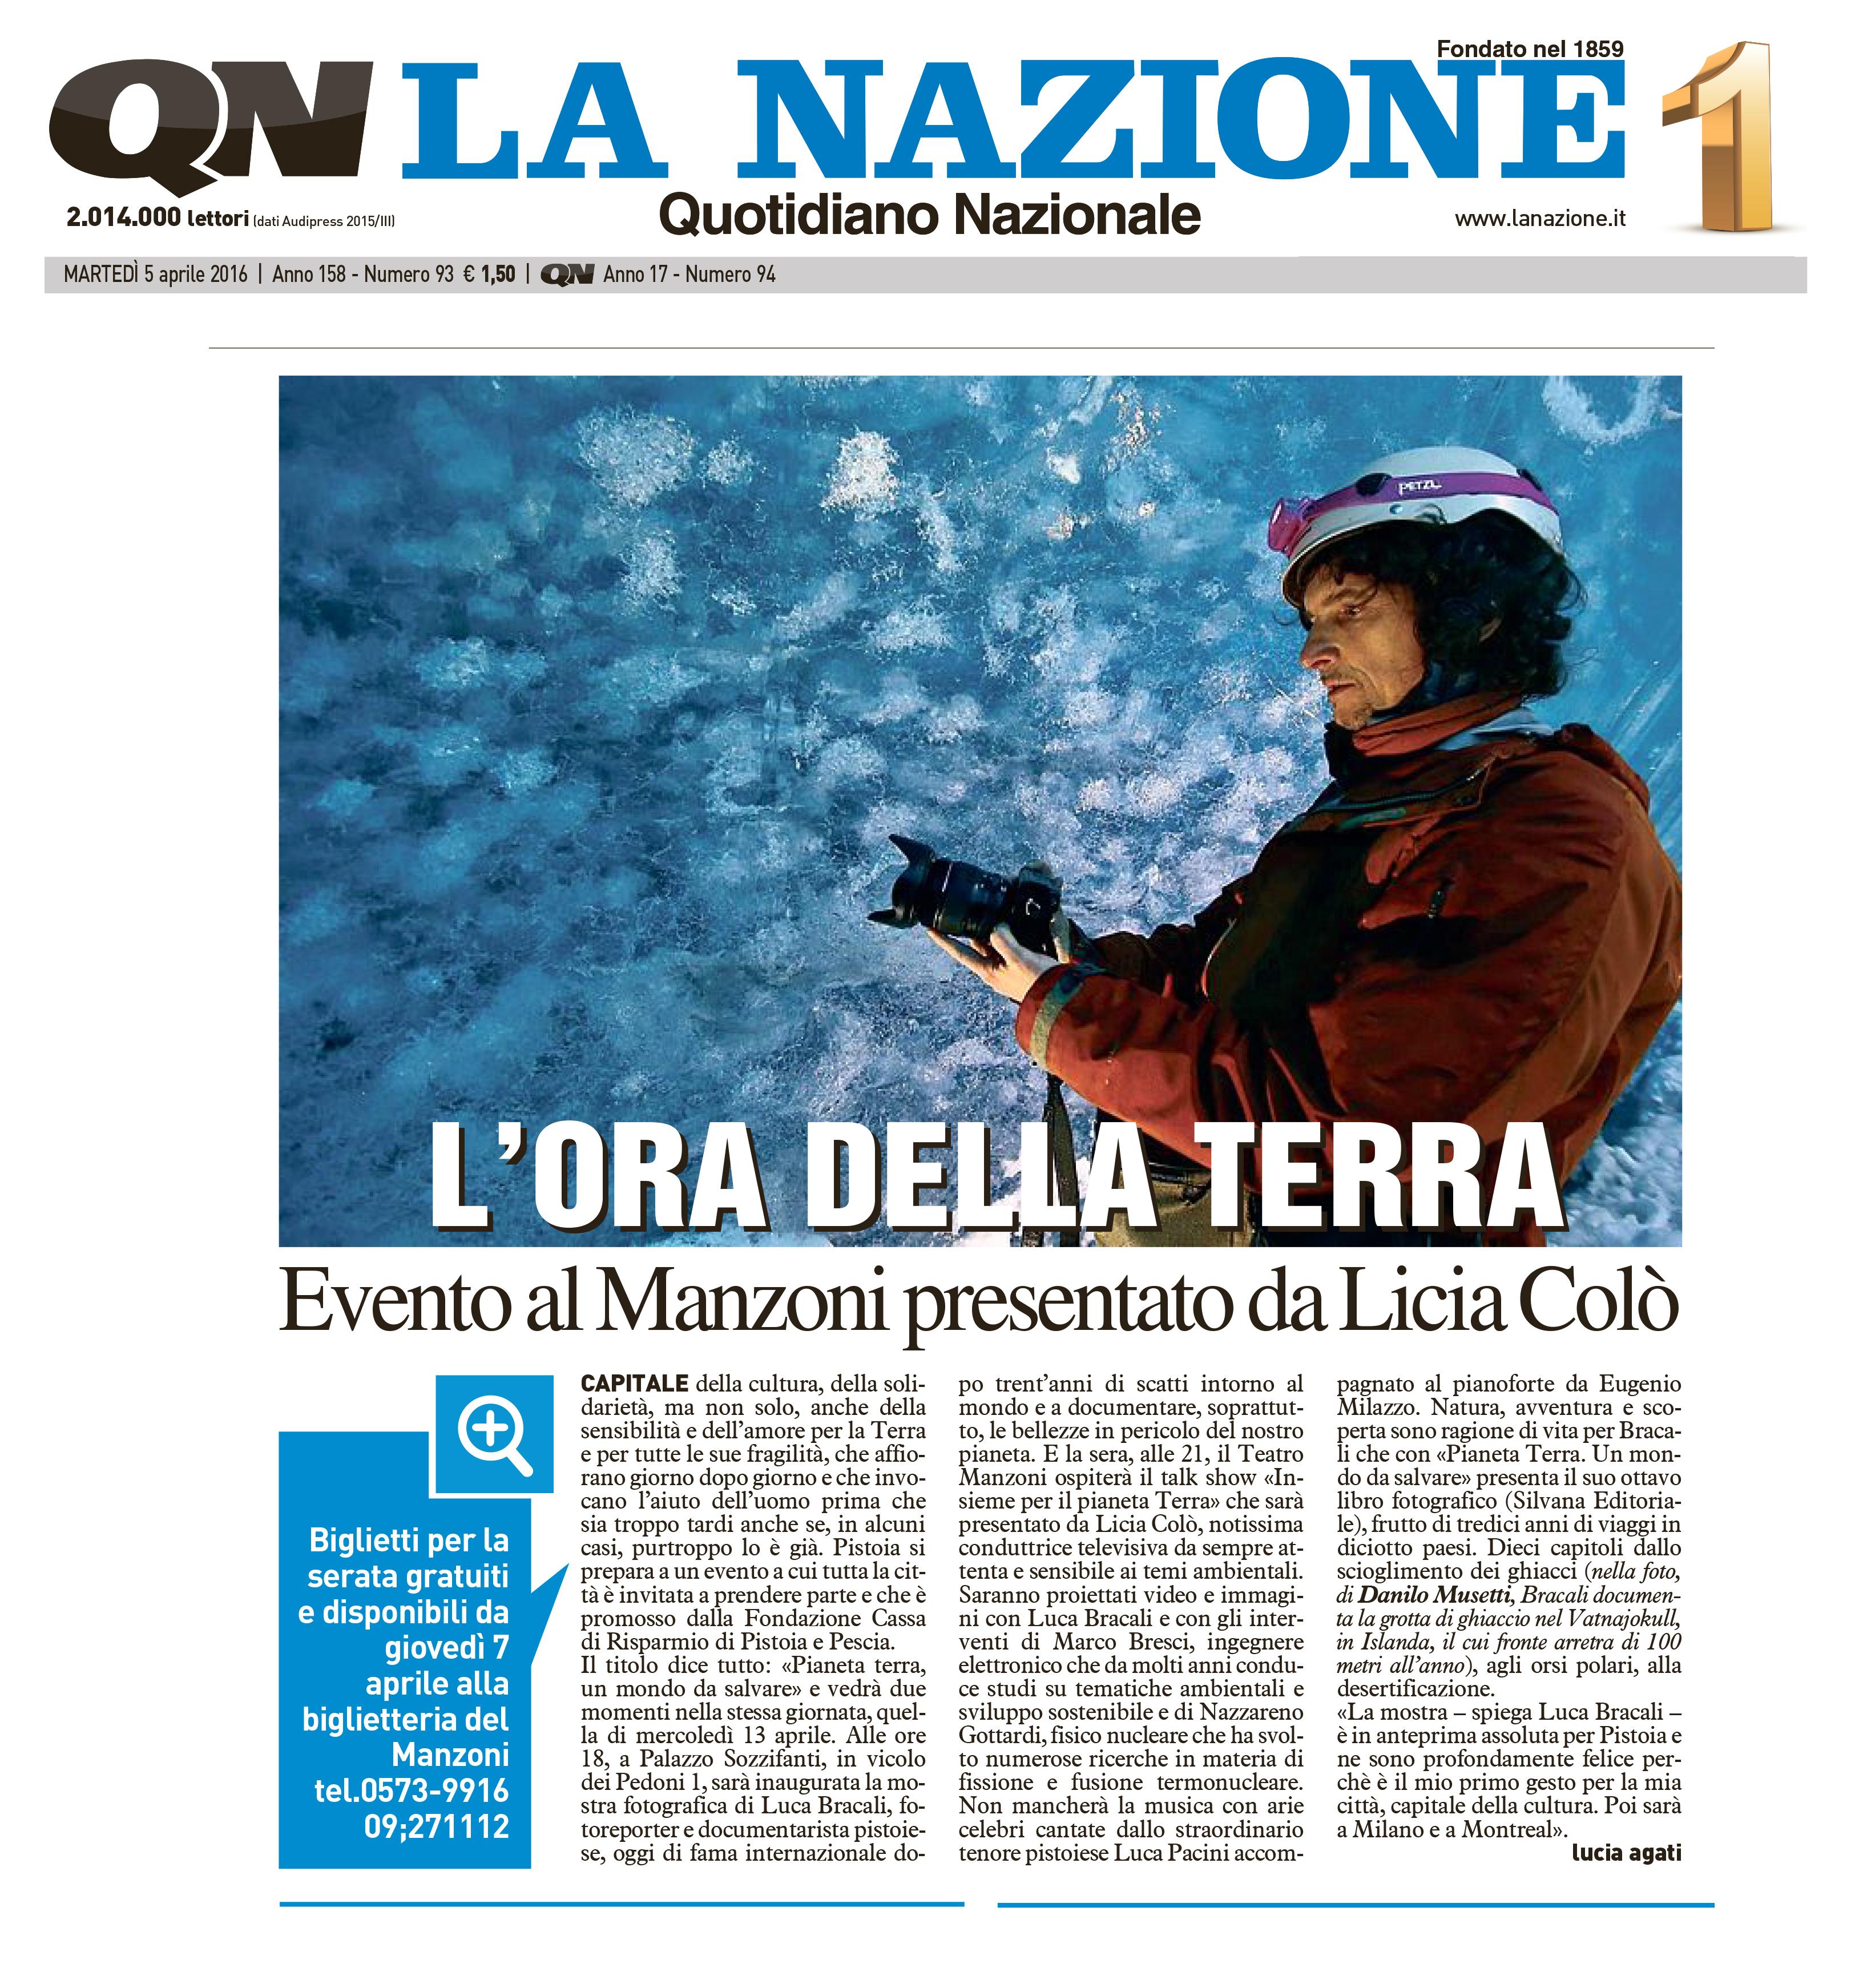 La Nazione_05.04.16